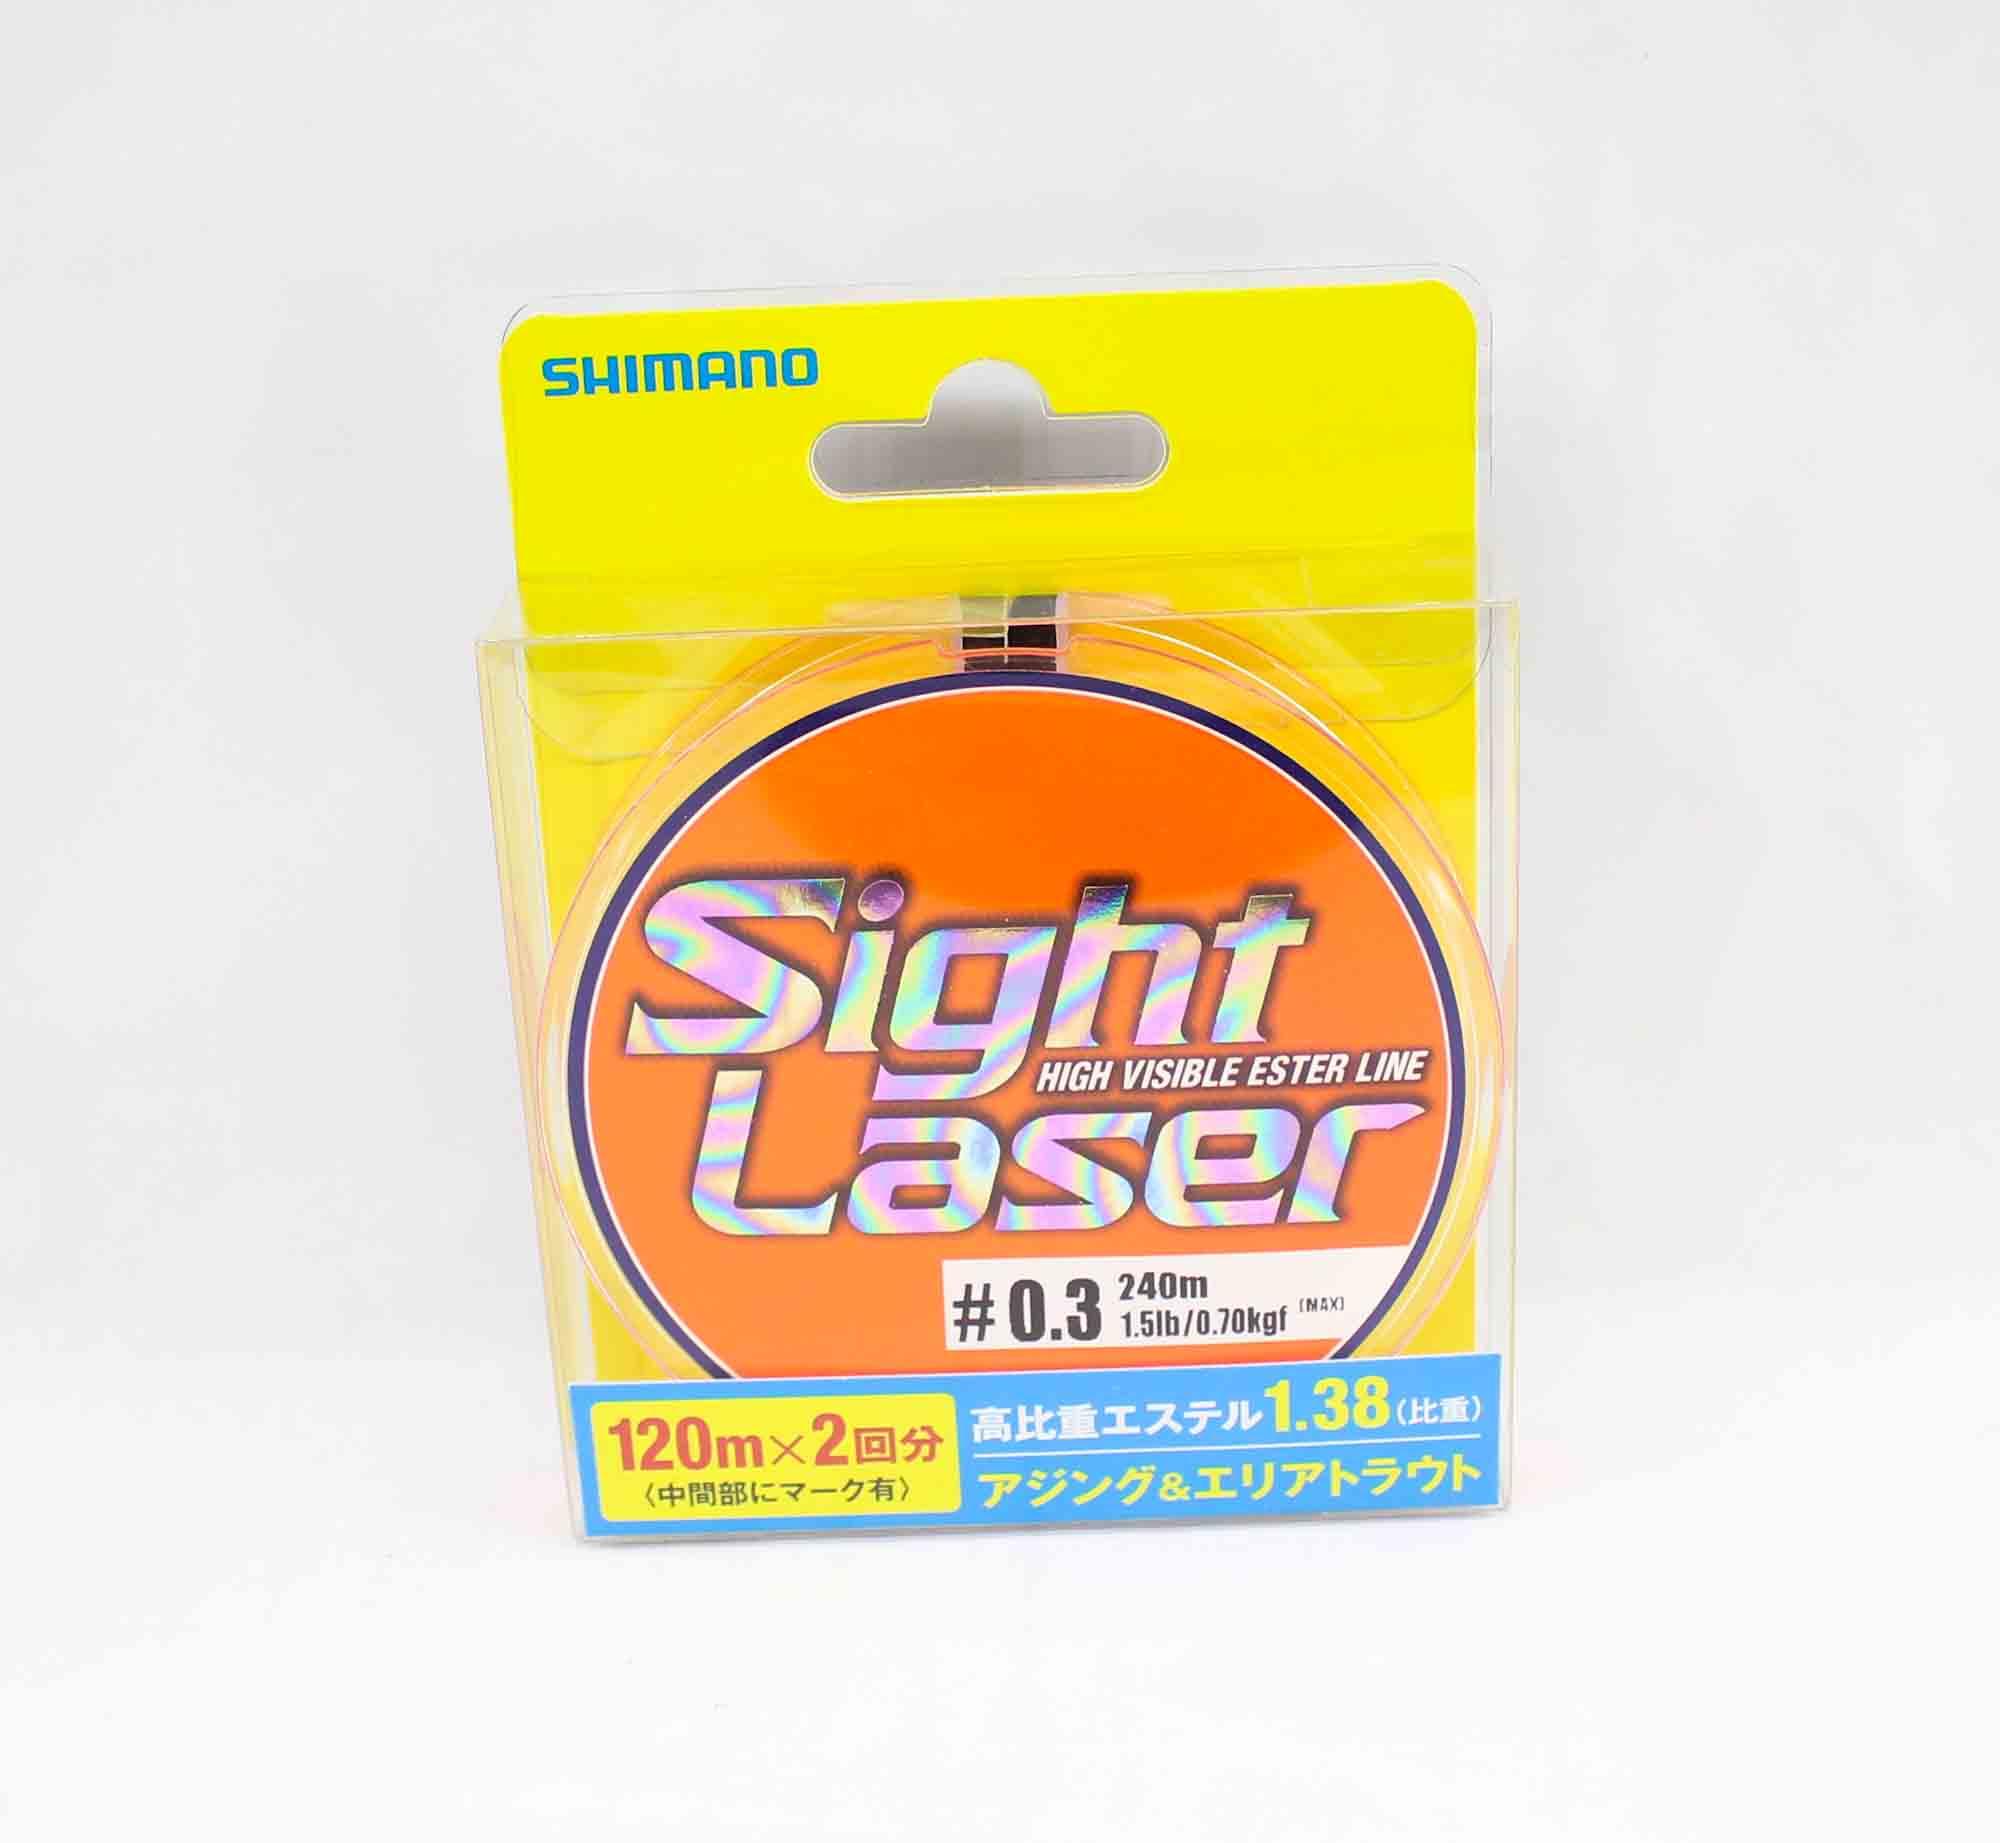 Shimano CL-L75Q Sight Laser Ester Line Orange 240m Size 0.3 1.5lb 549204